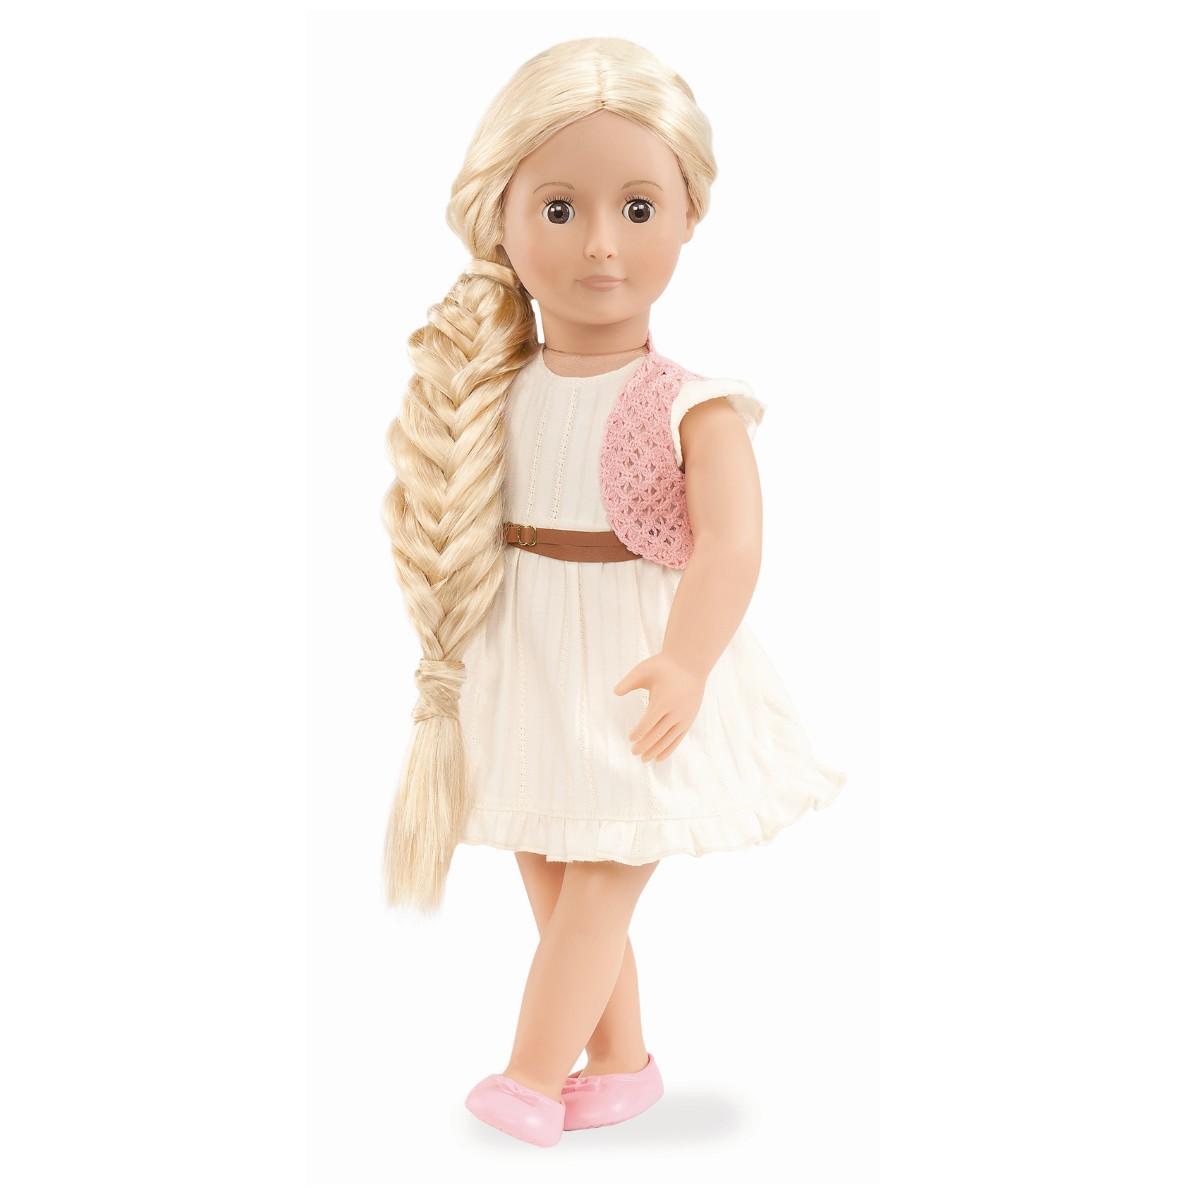 dukkehoved med hår